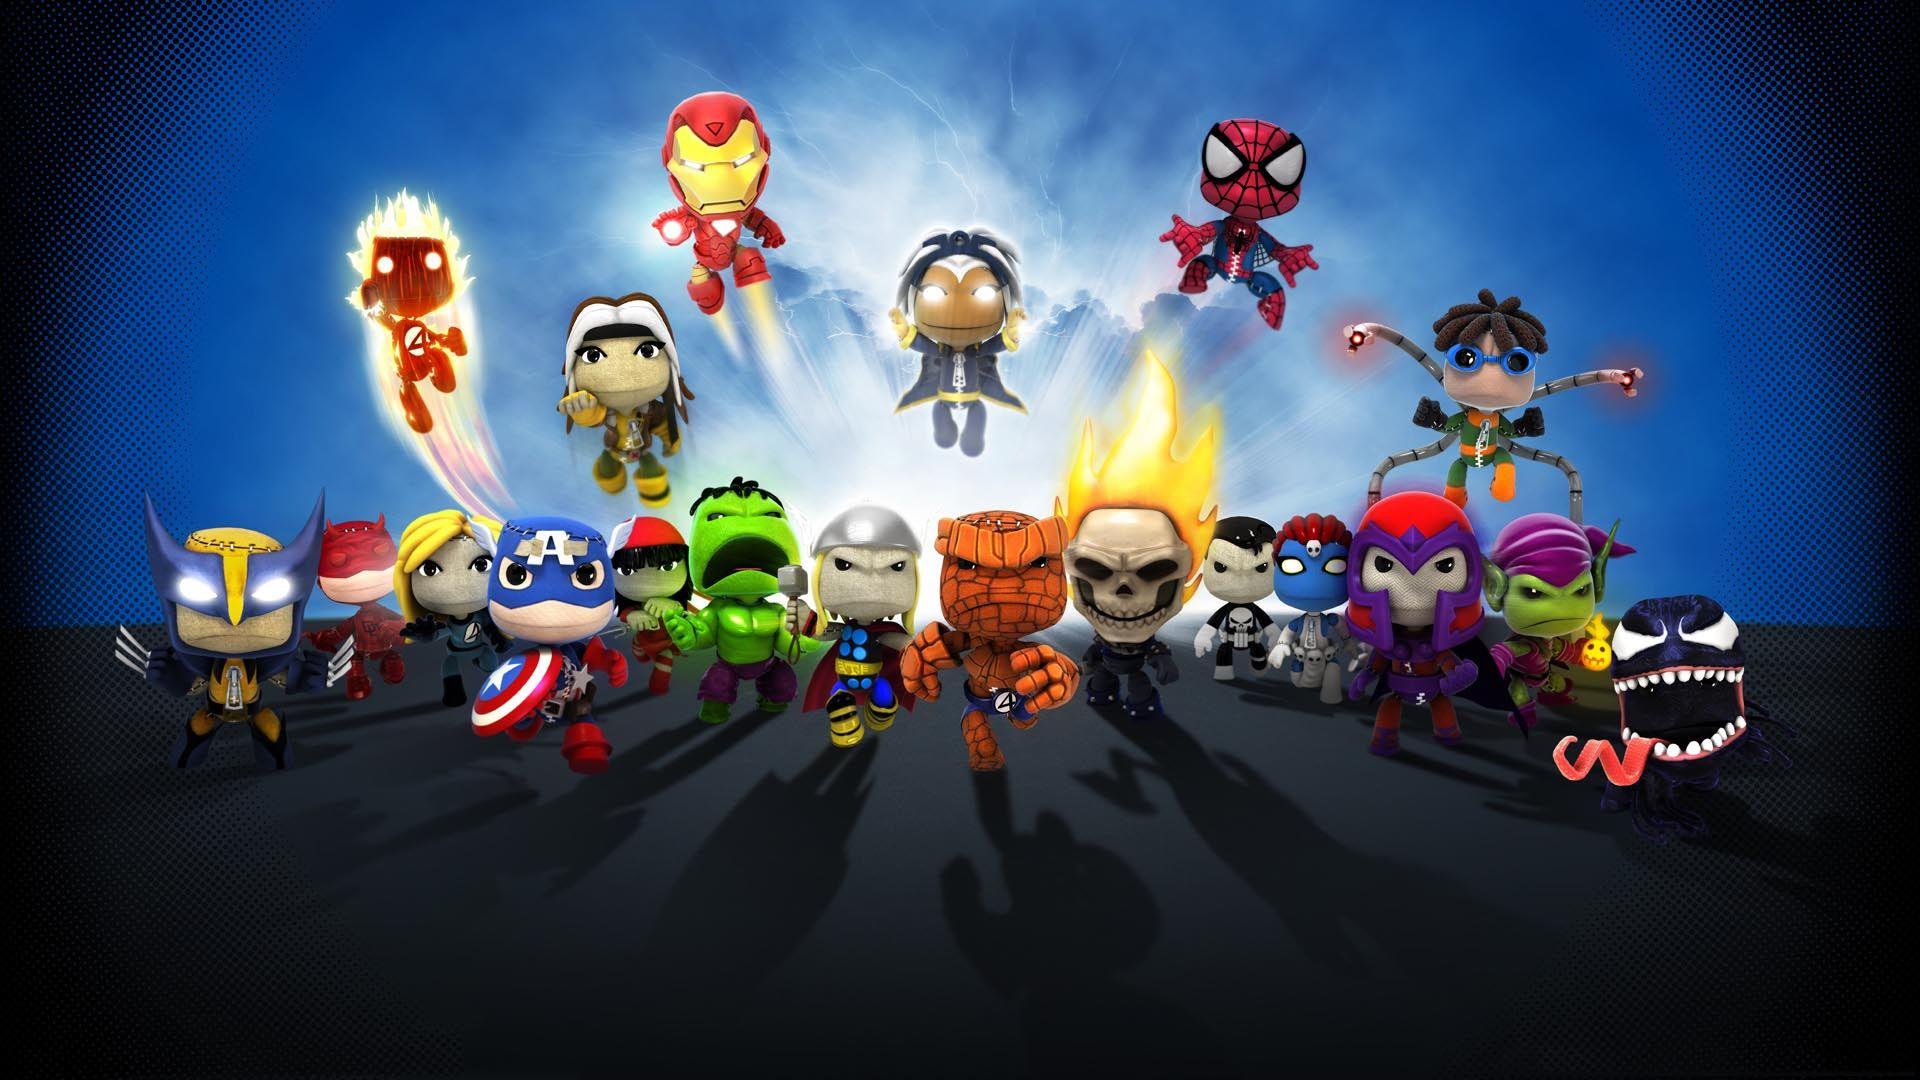 Fond D Ecran Fond Decran Super Heros Marvel Heros Marvel Super Heros Marvel Heros